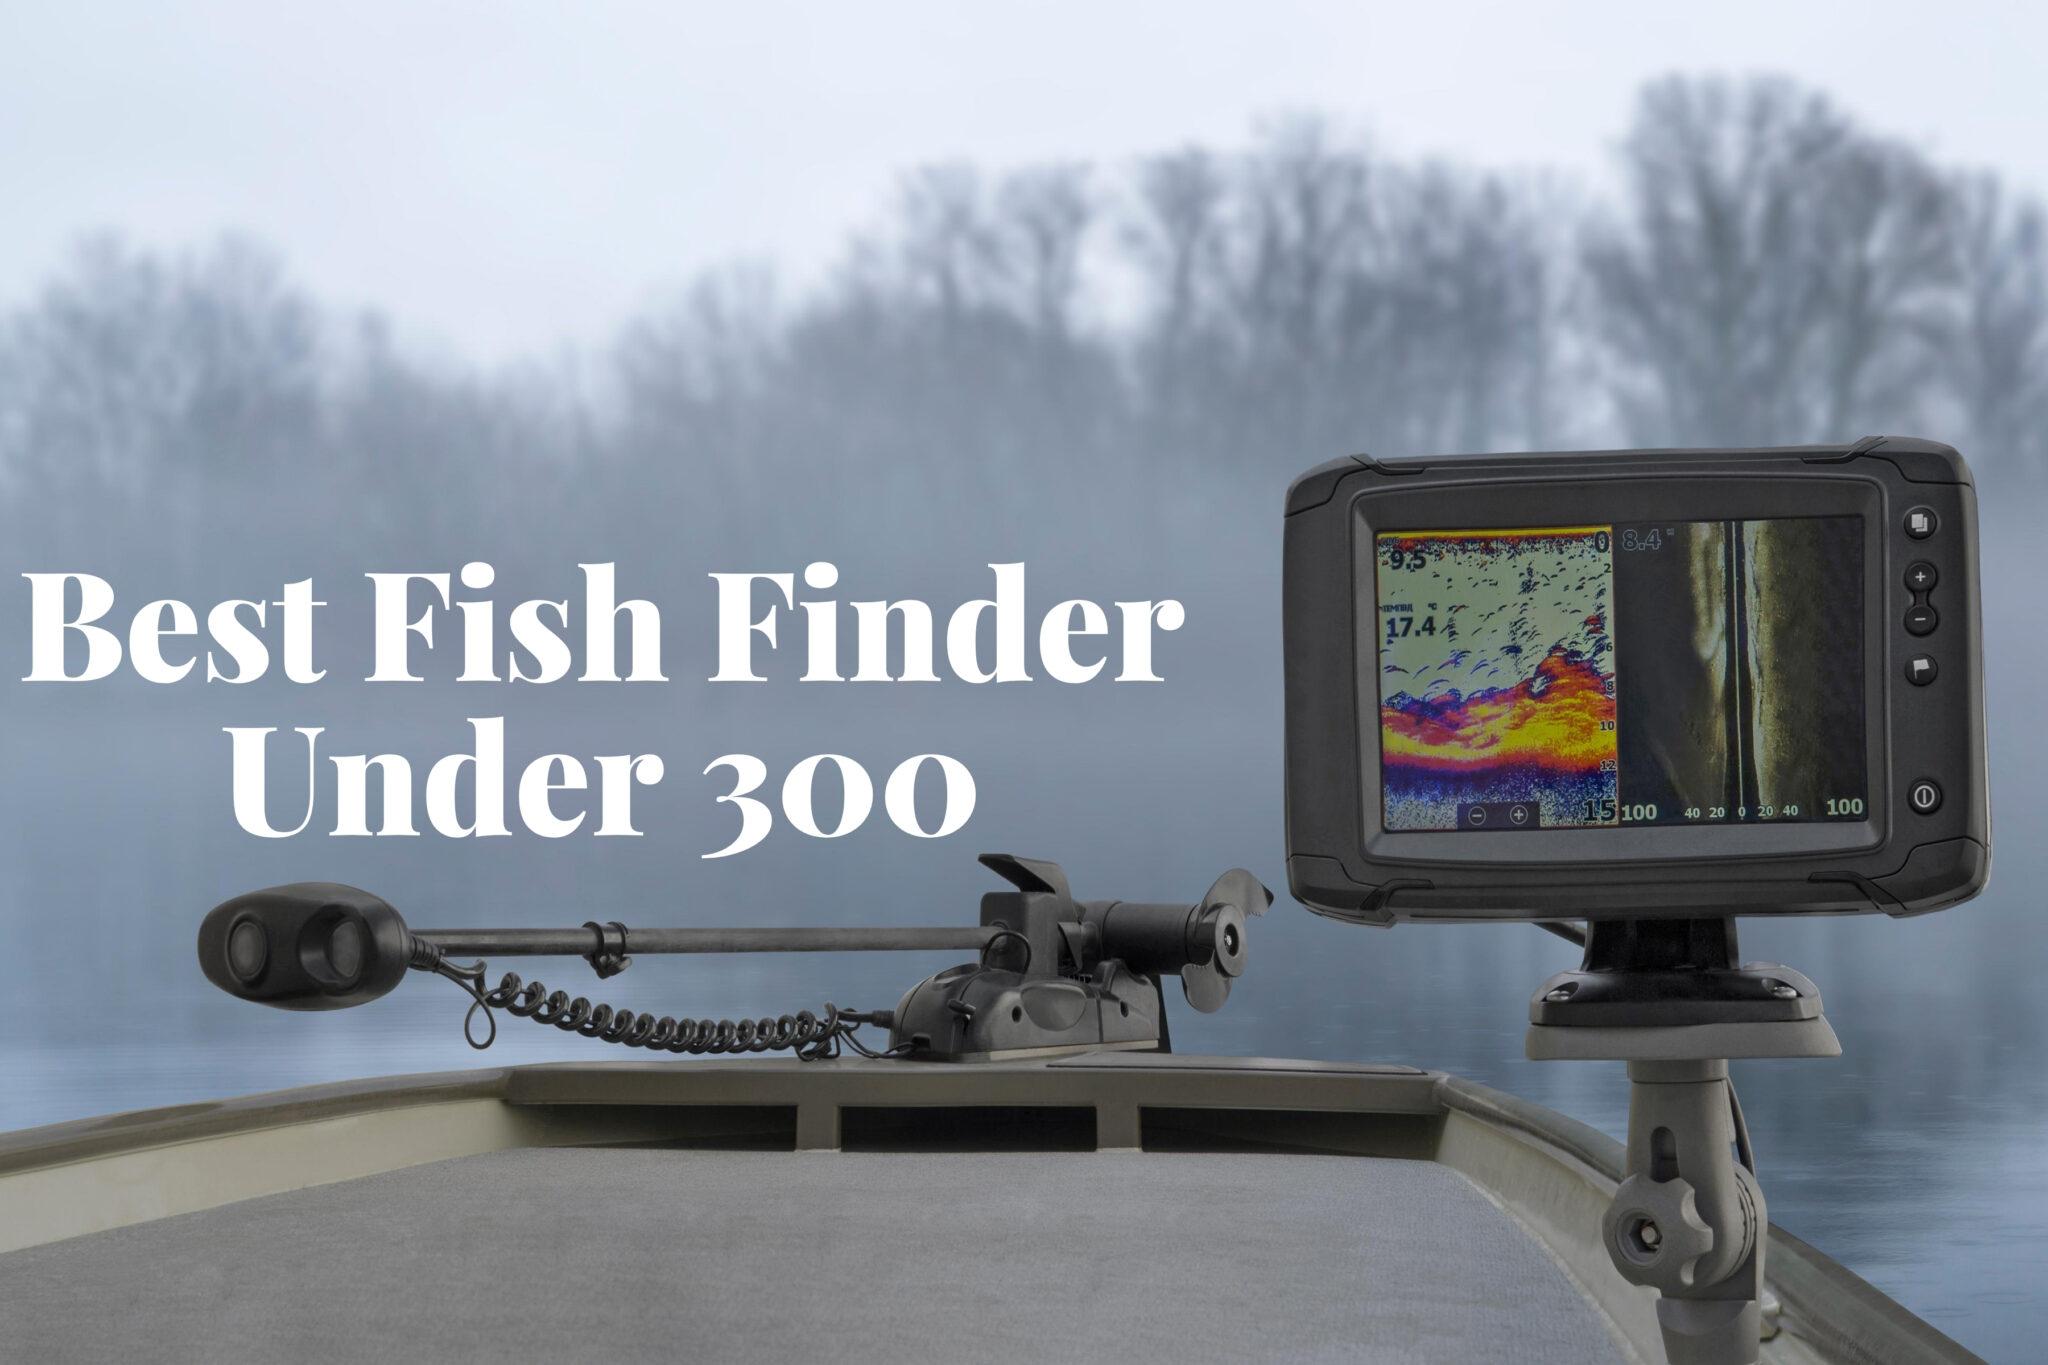 Best Fish Finder Under 300